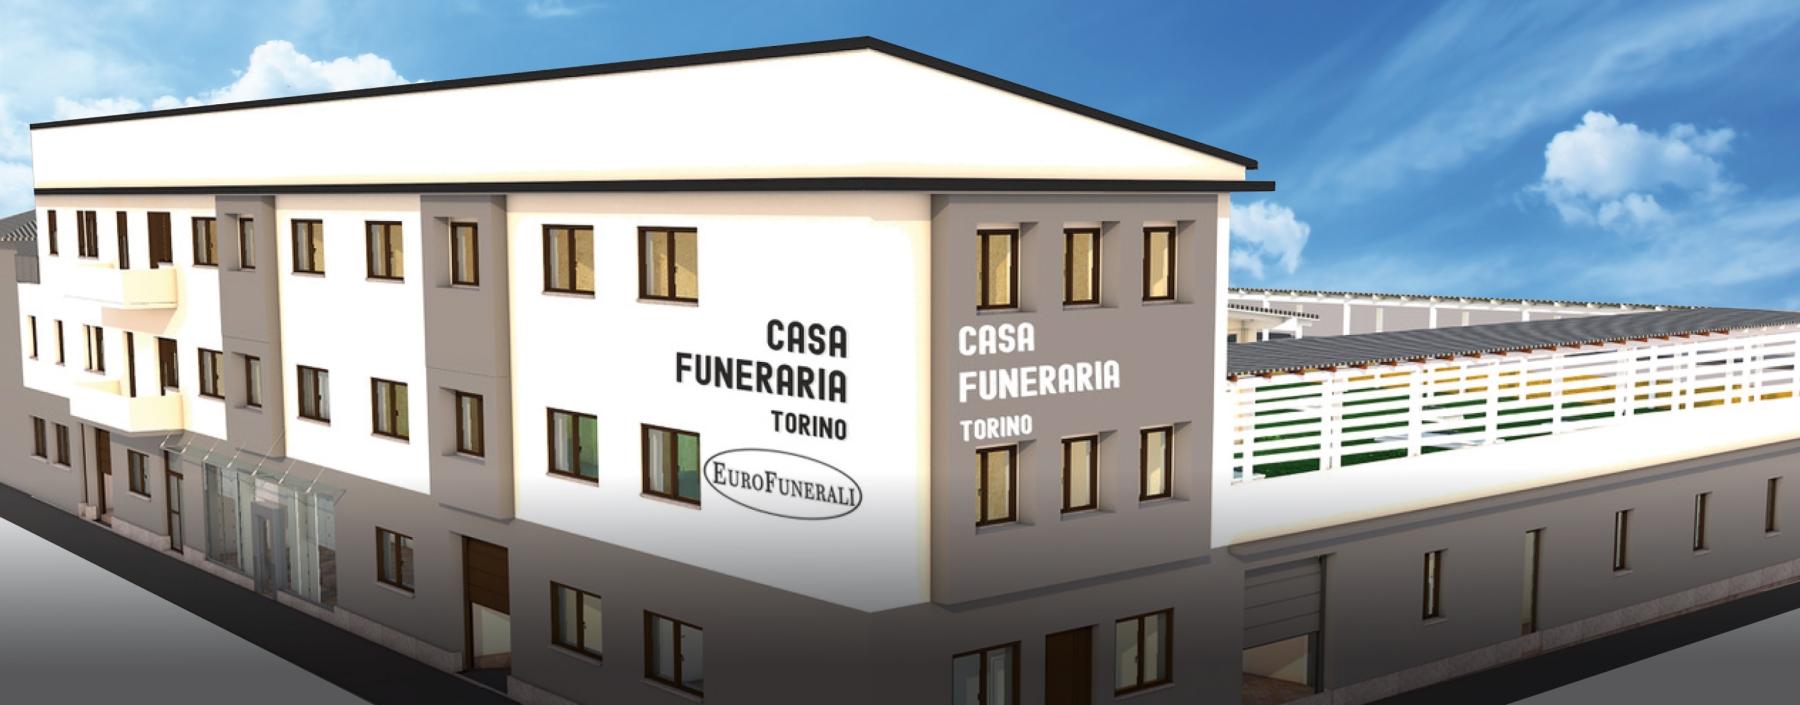 Photo of Apre a Torino la prima casa funeraria: un luogo che aiuterà le famiglie ad affrontare il lutto